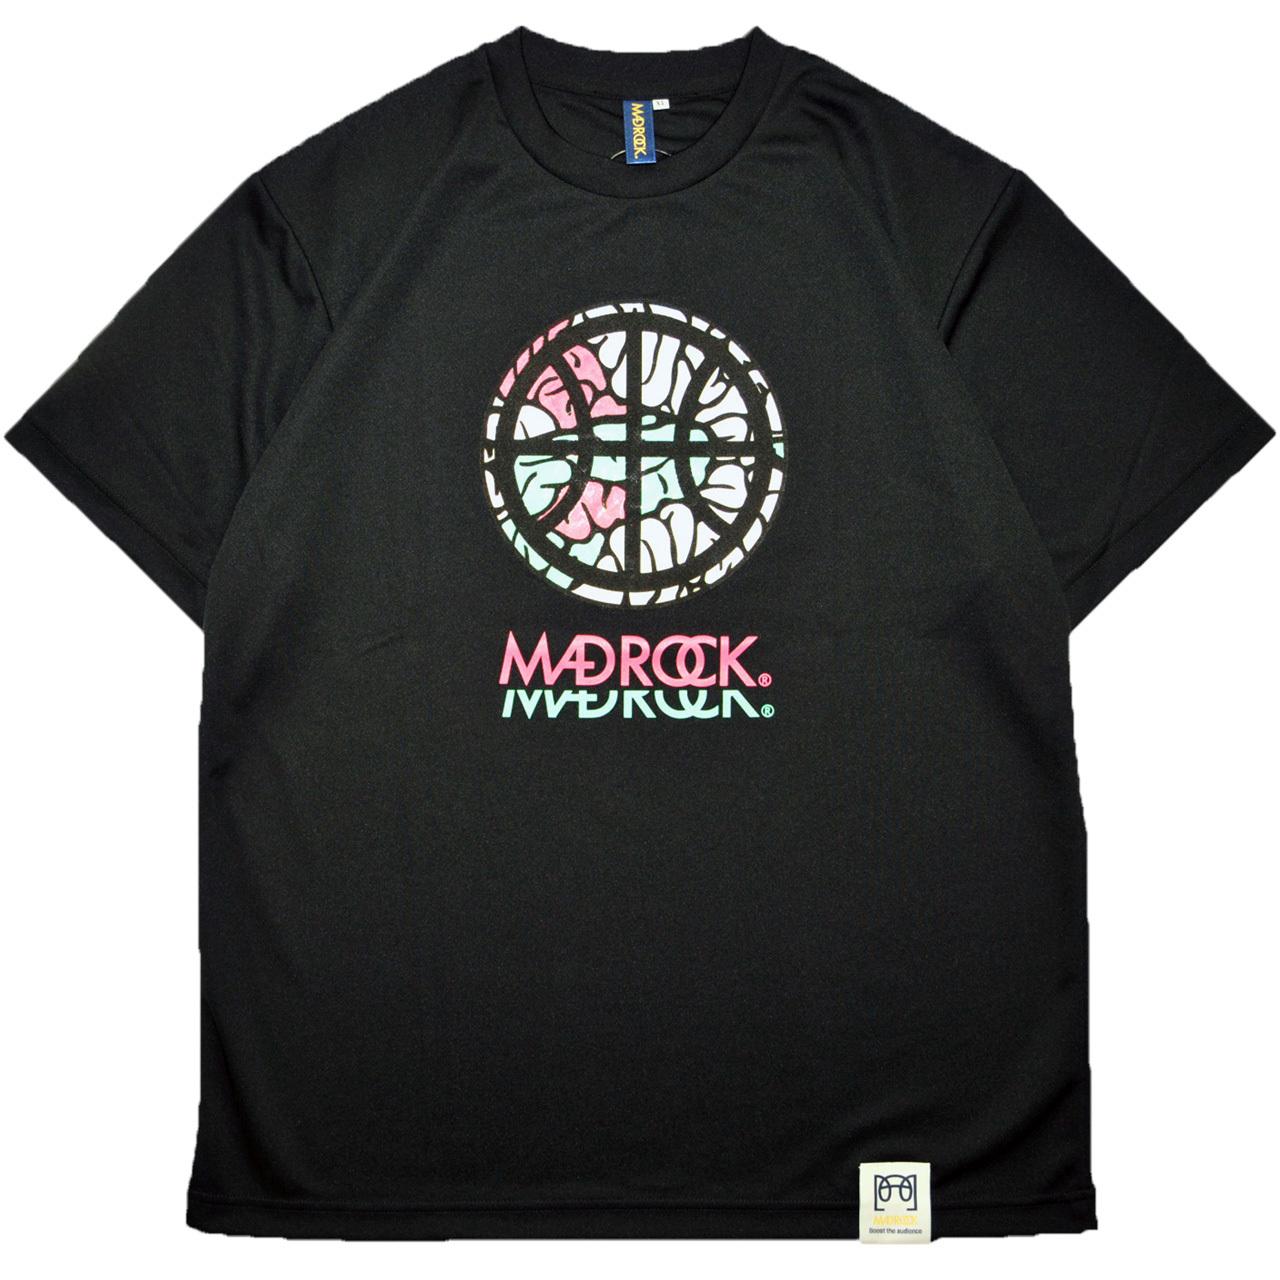 マッドロック - インテンションボール - Tシャツ / ドライタイプ / ブラック / MADROCK - Intention Ball - TEE